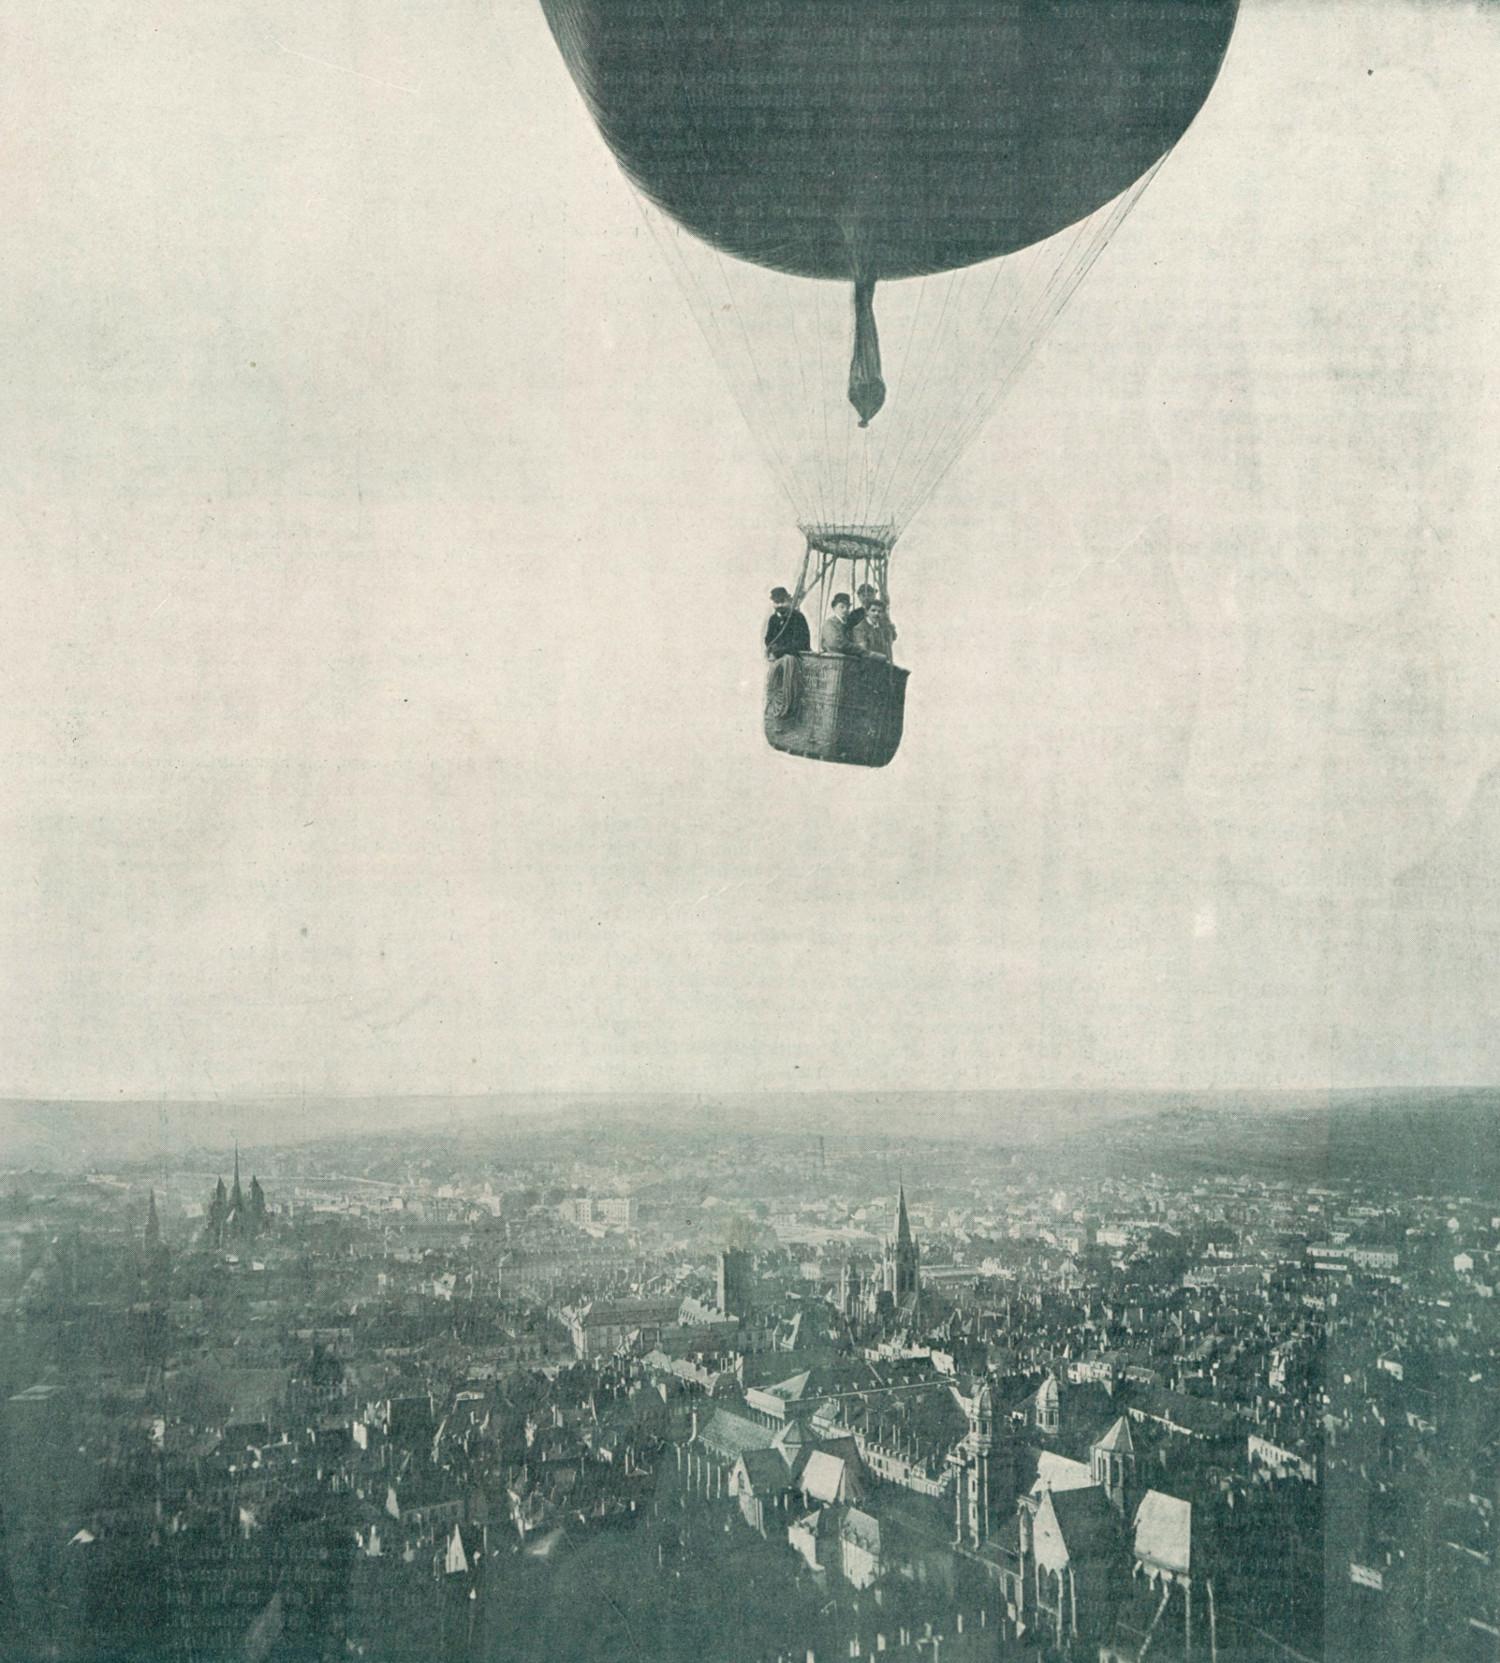 Vol de l'Aéro-club au-dessus de Dijon